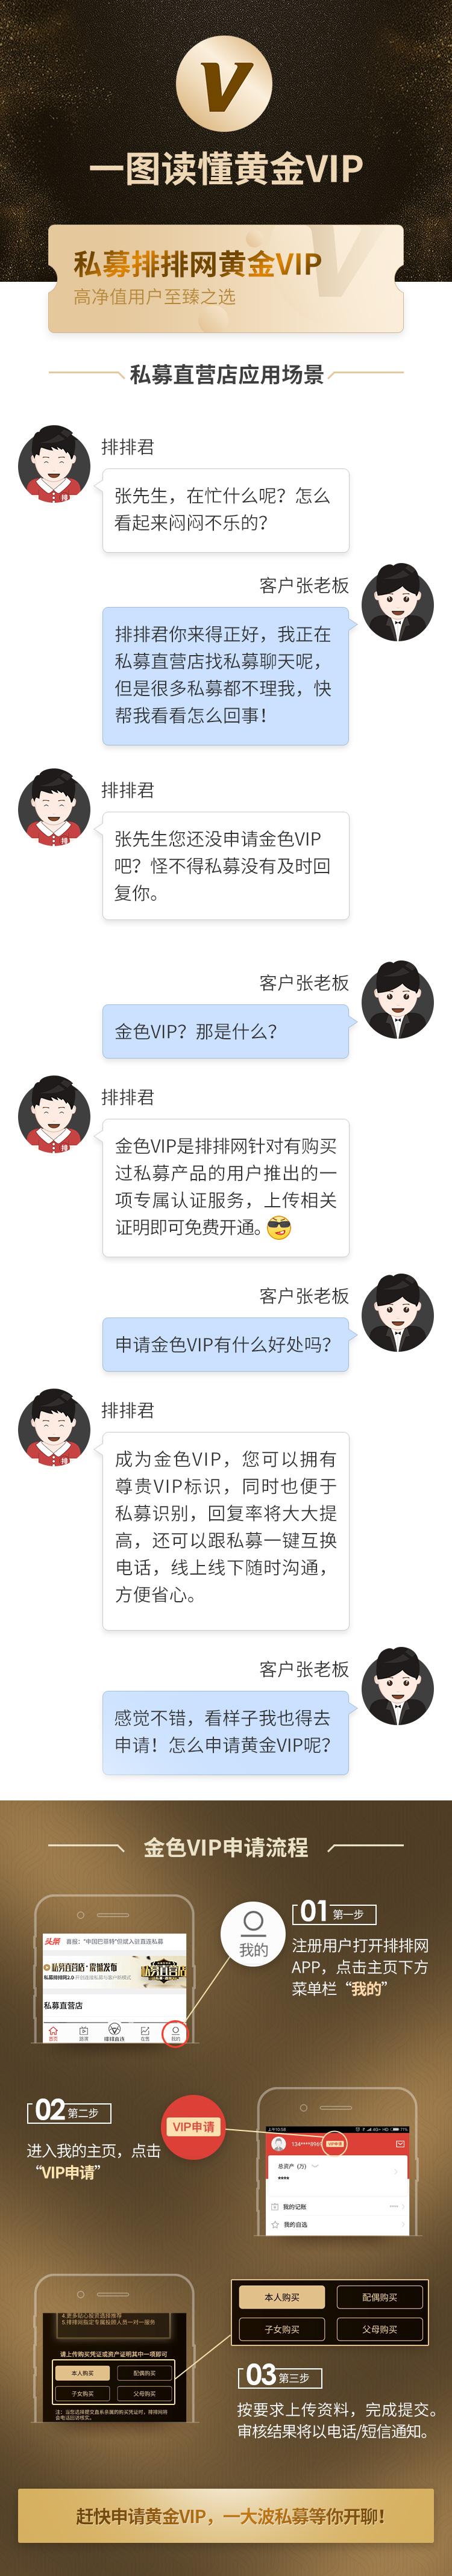 金V申请流程改(2).jpg